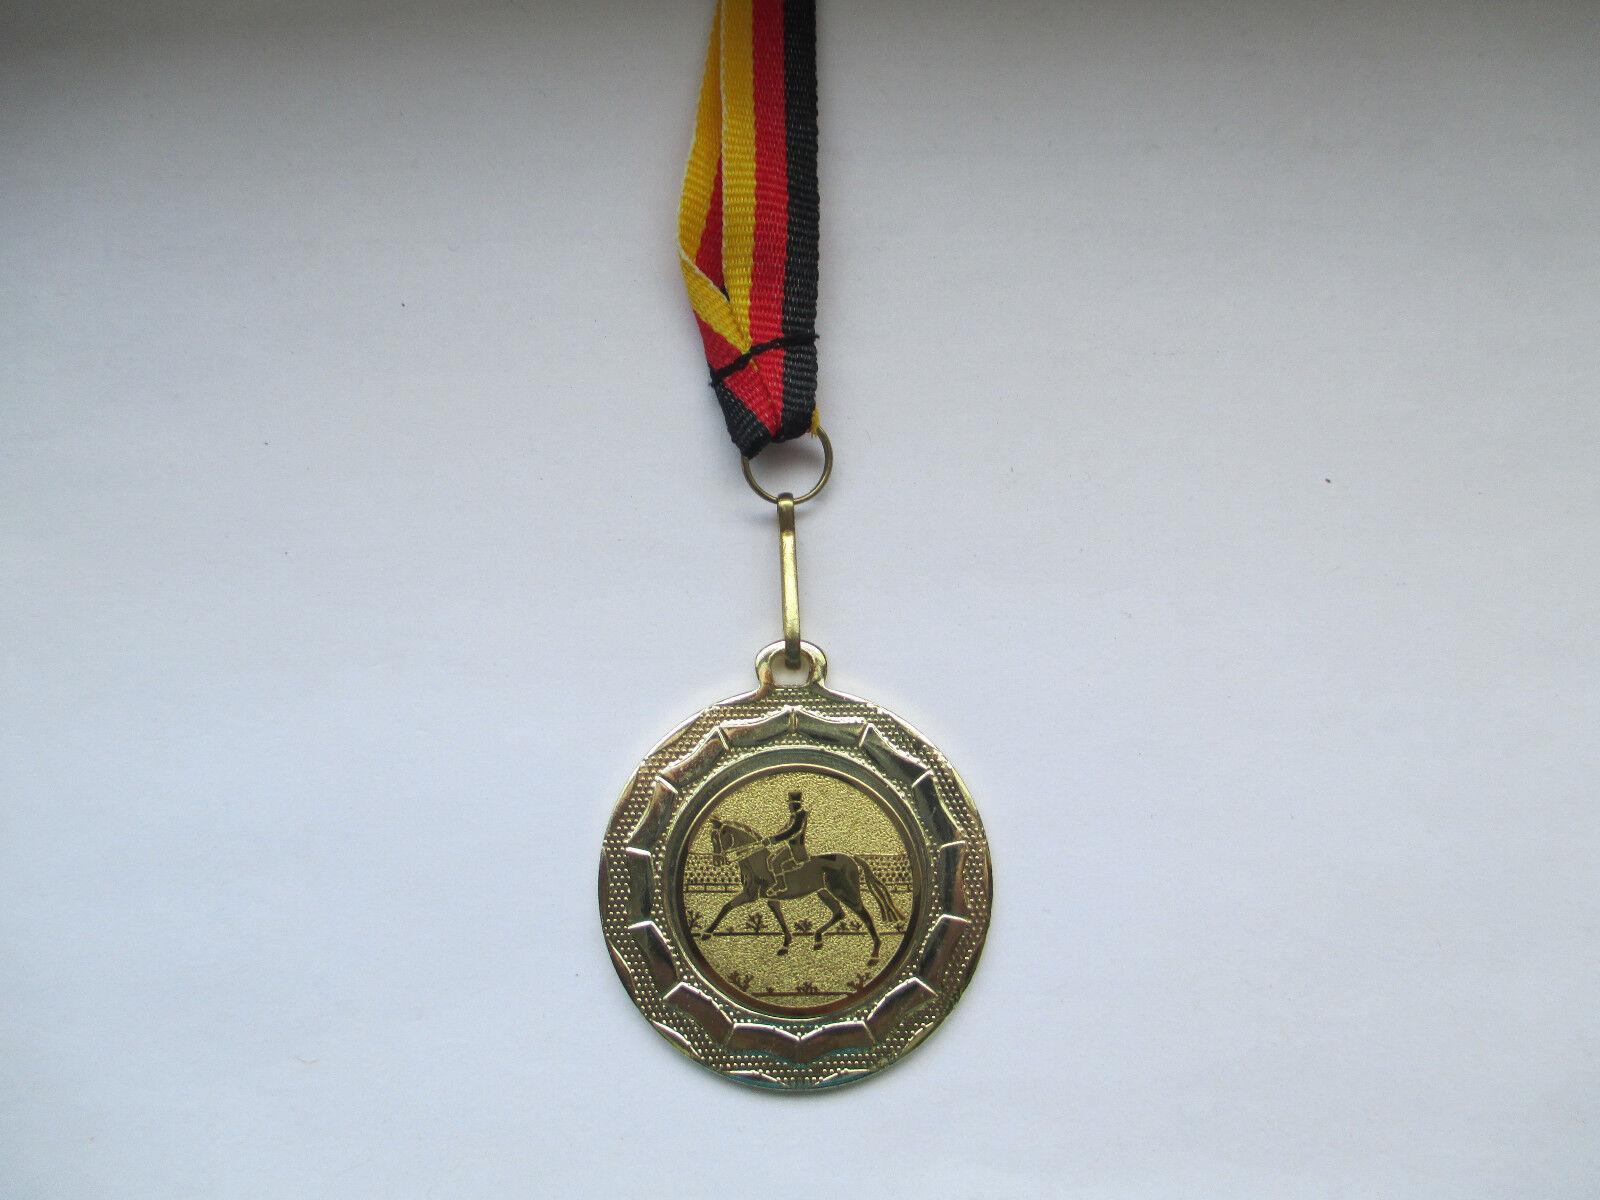 Reiten Pokal Kids 100 Medaillen x Medaillen 100 Deutschland-Bändern Turnier Emblem Reitsport ffab7c